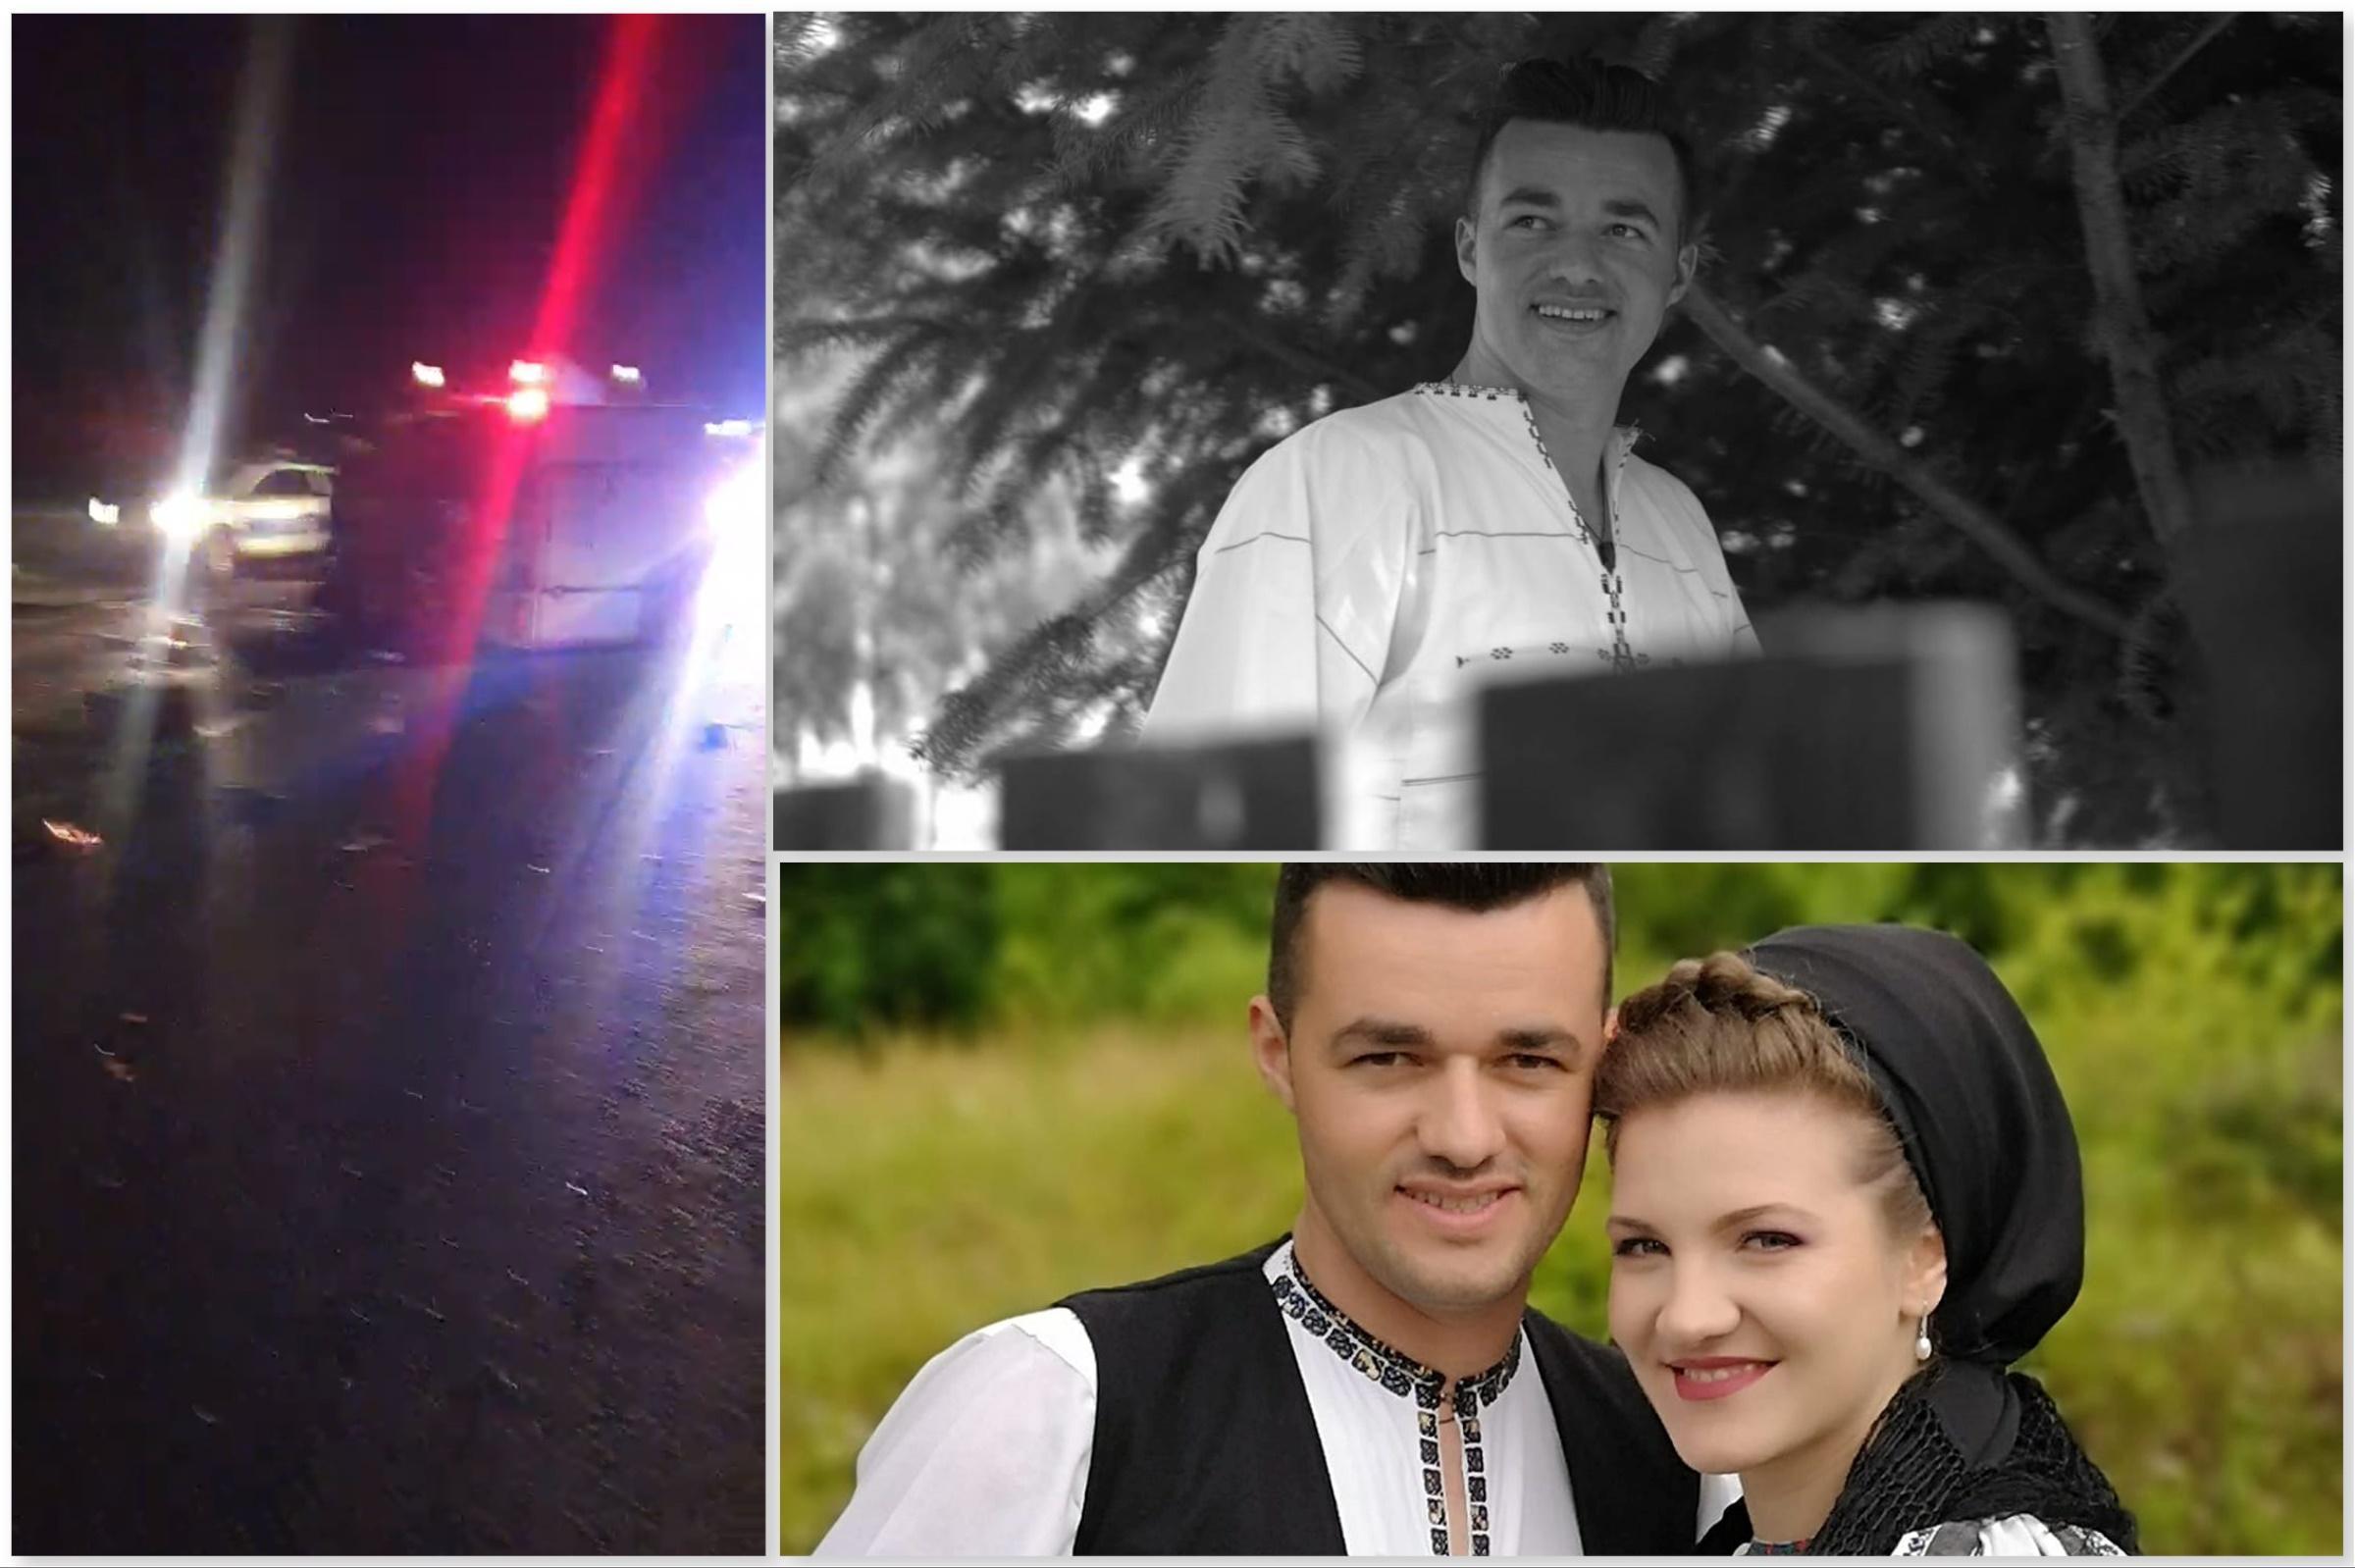 Colaj foto: Dumitru Stroie, alături de soția sa (foto jos). Mașina în urma impactului (foto stânga)